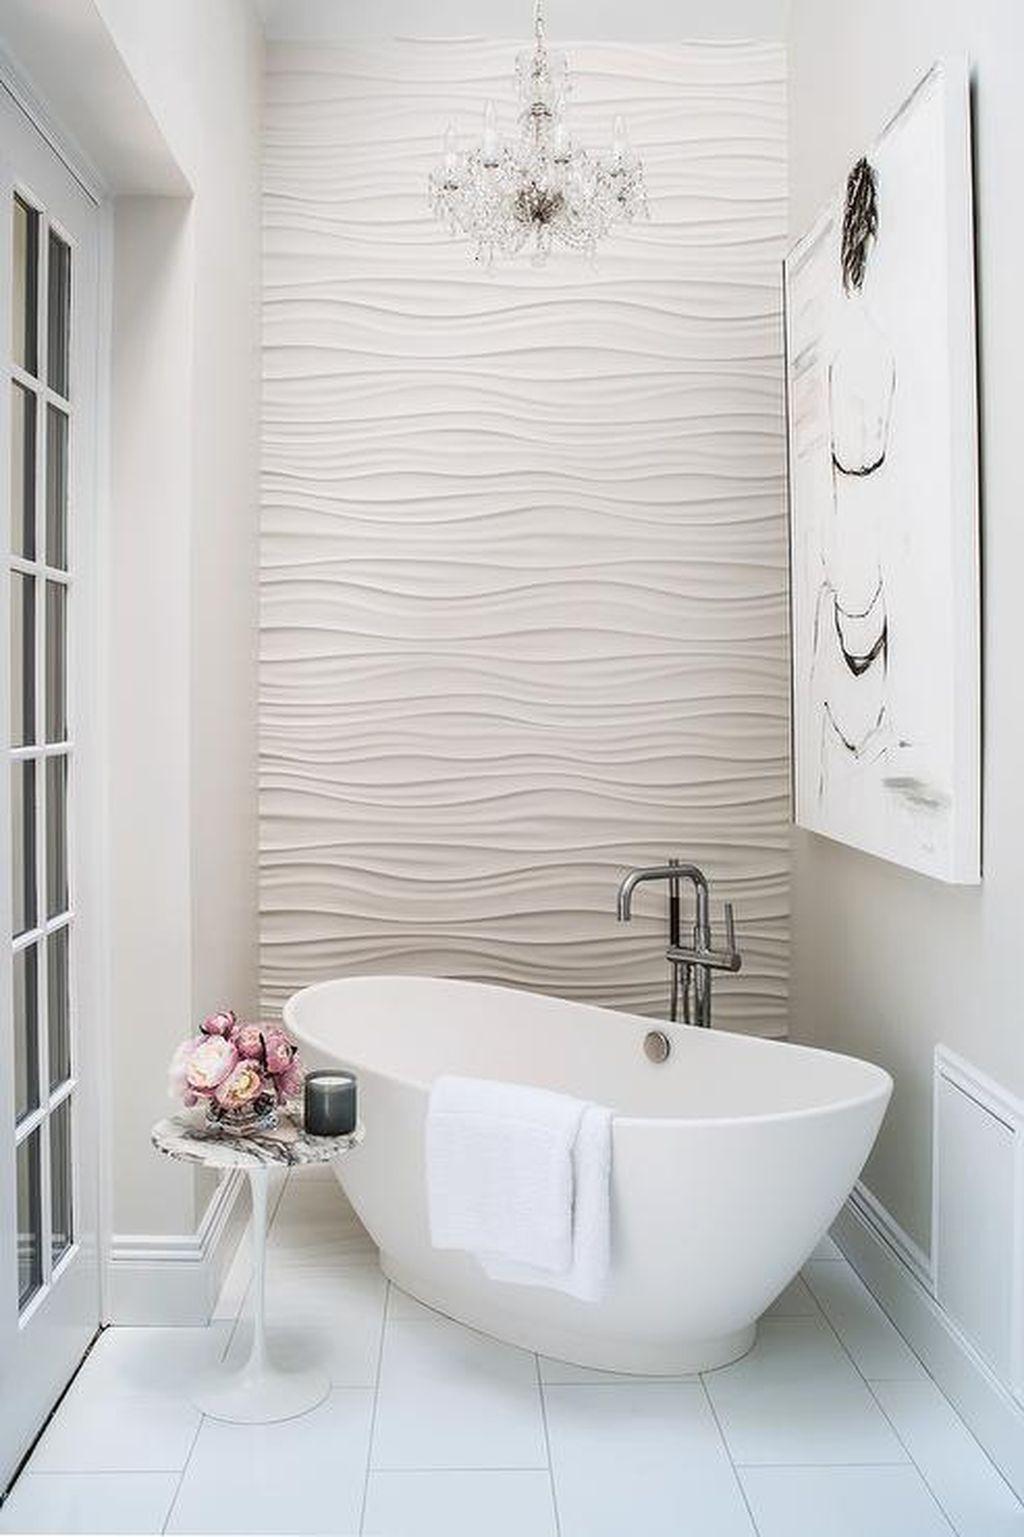 99 Romantic and Elegant Bathroom Design Ideas with ...